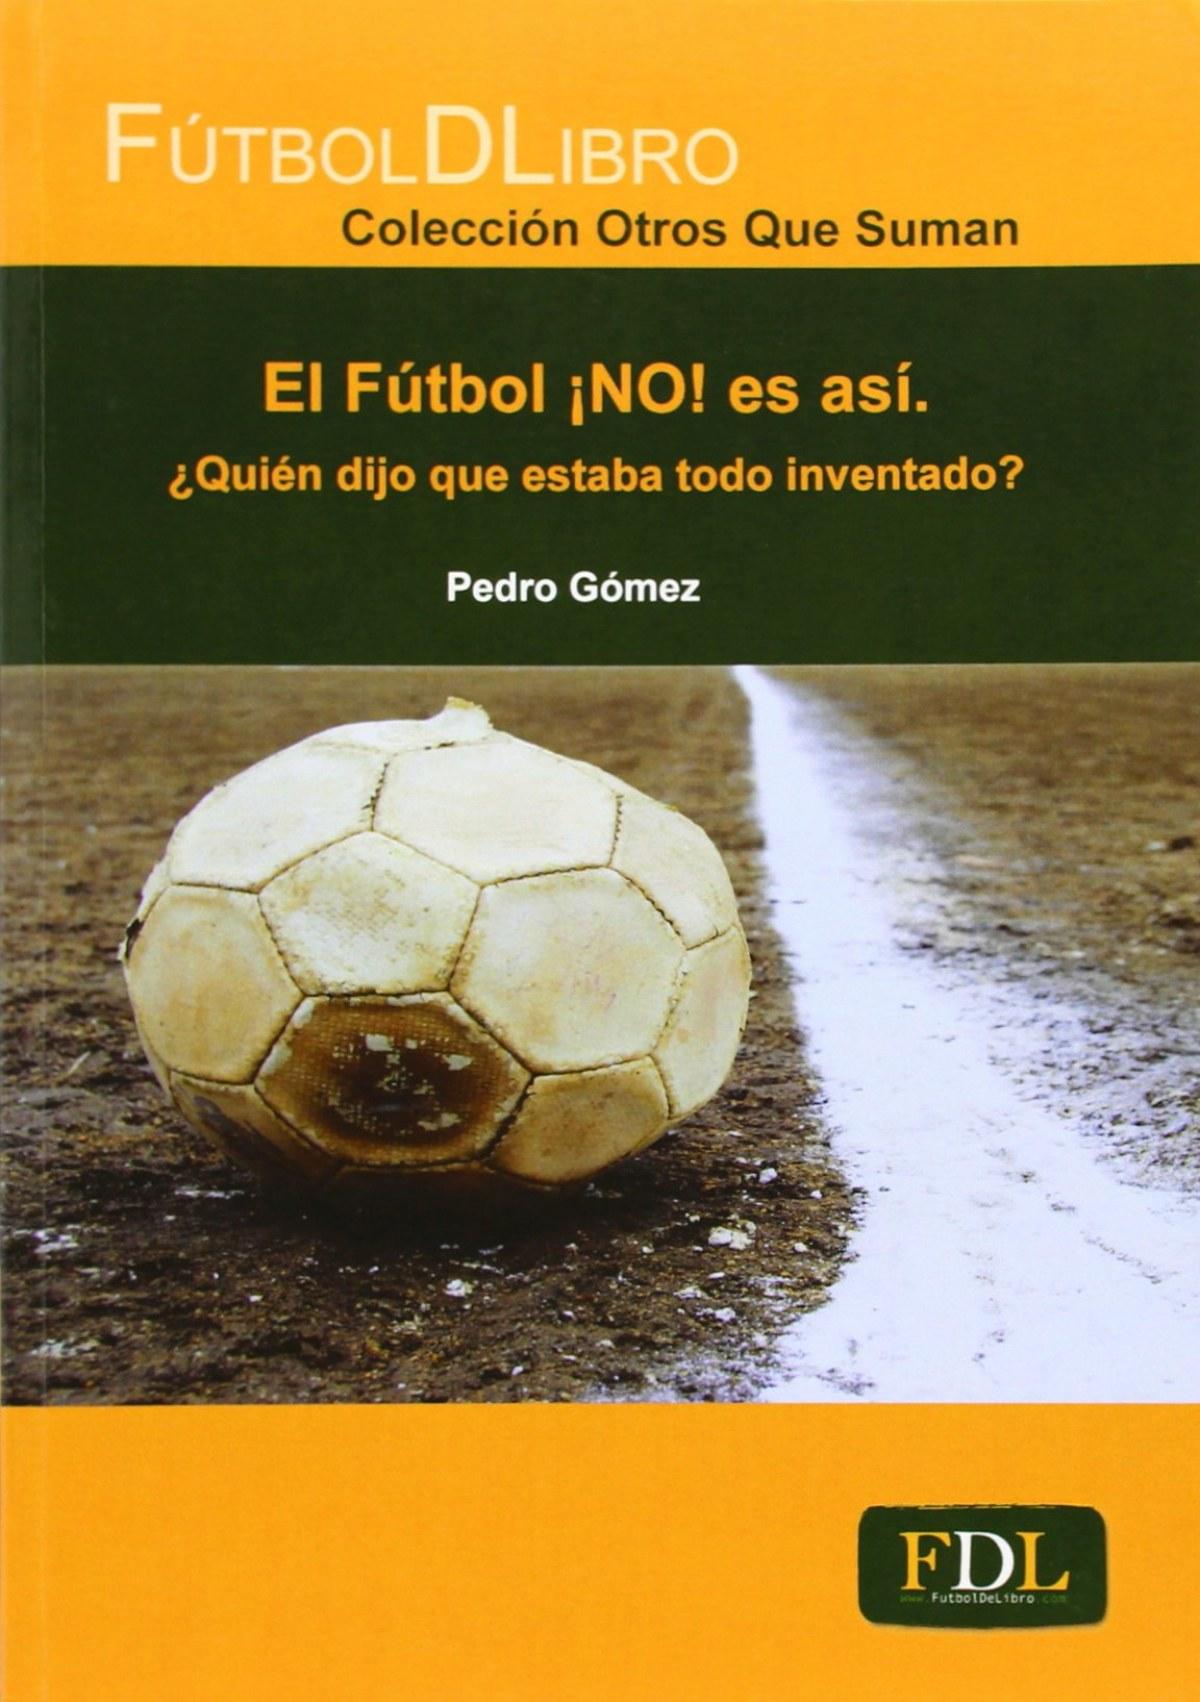 El fútbol ¡NO! es asi 9788494098482